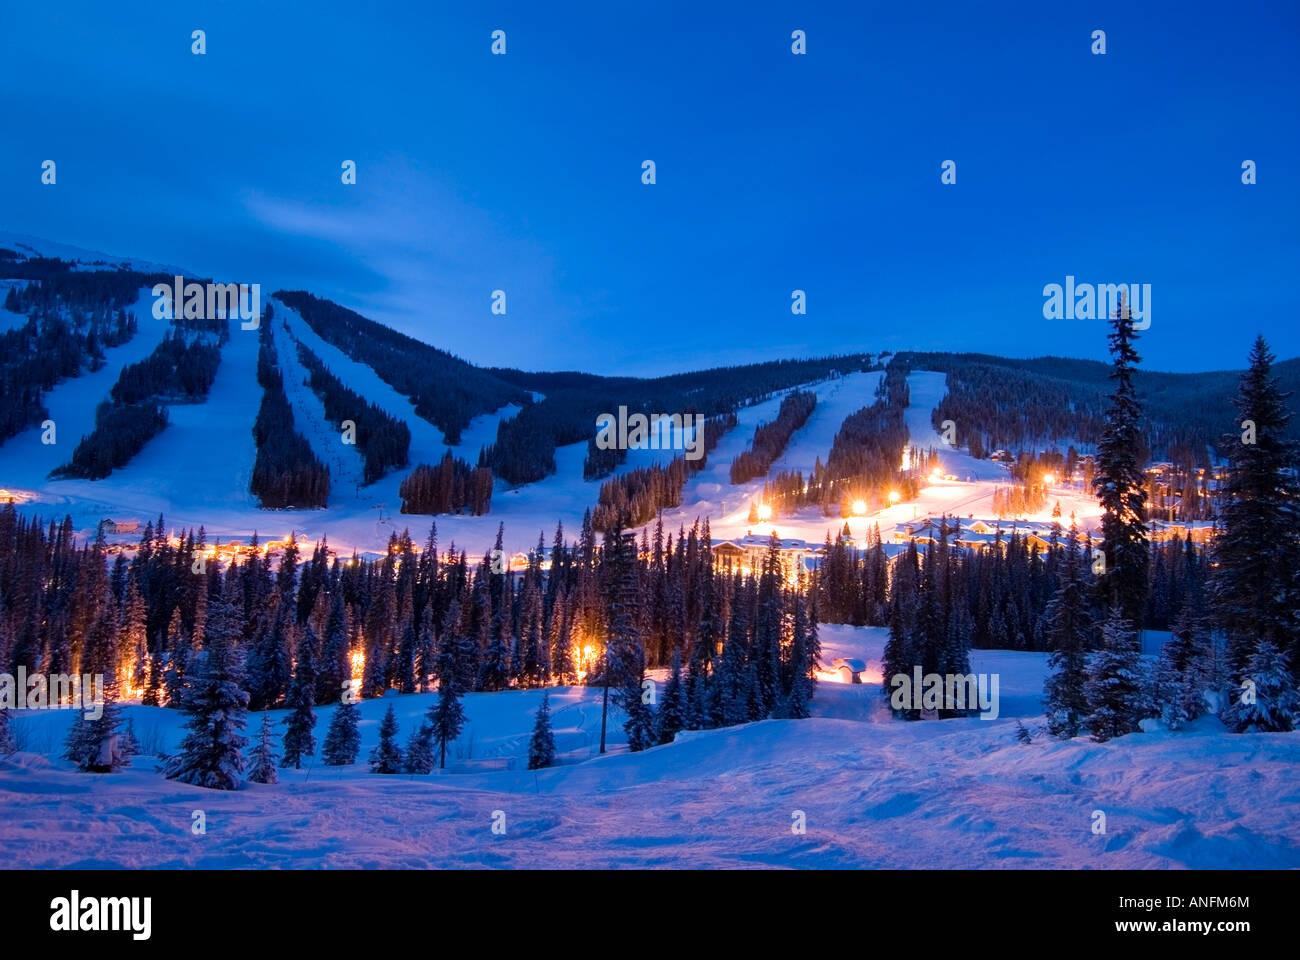 Das Dorf am Sun Peaks Ski Resort leuchtet im Abend Lichter auf den Nordhängen in der Nähe von Dämmerung, Stockbild